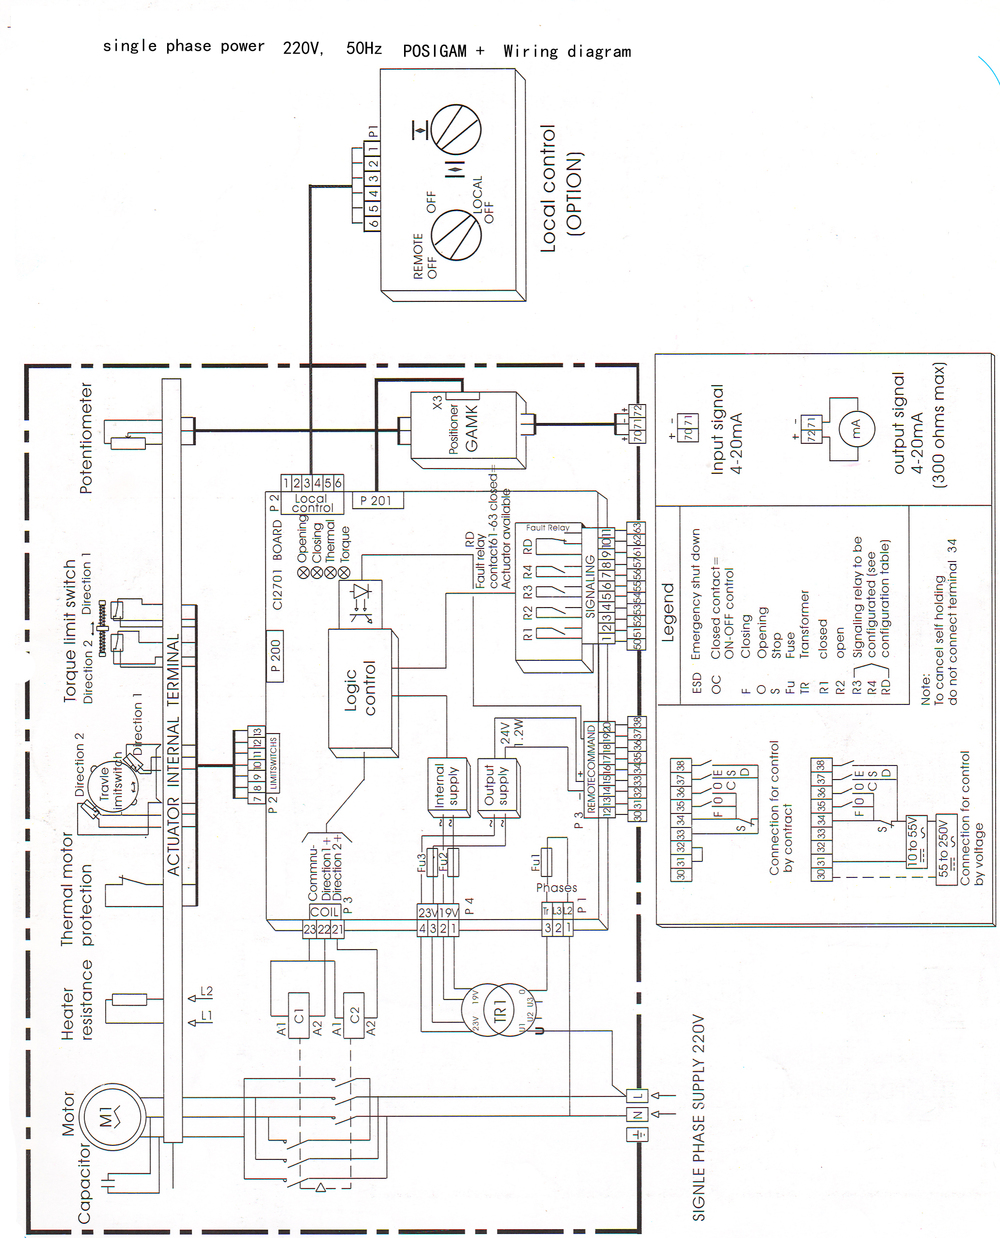 rotork wiring diagram awt for 7 prong trailer plug iq 20 27 images htb1a3fzixxxxxahxpxxq6xxfxxxj mov pdf u2022